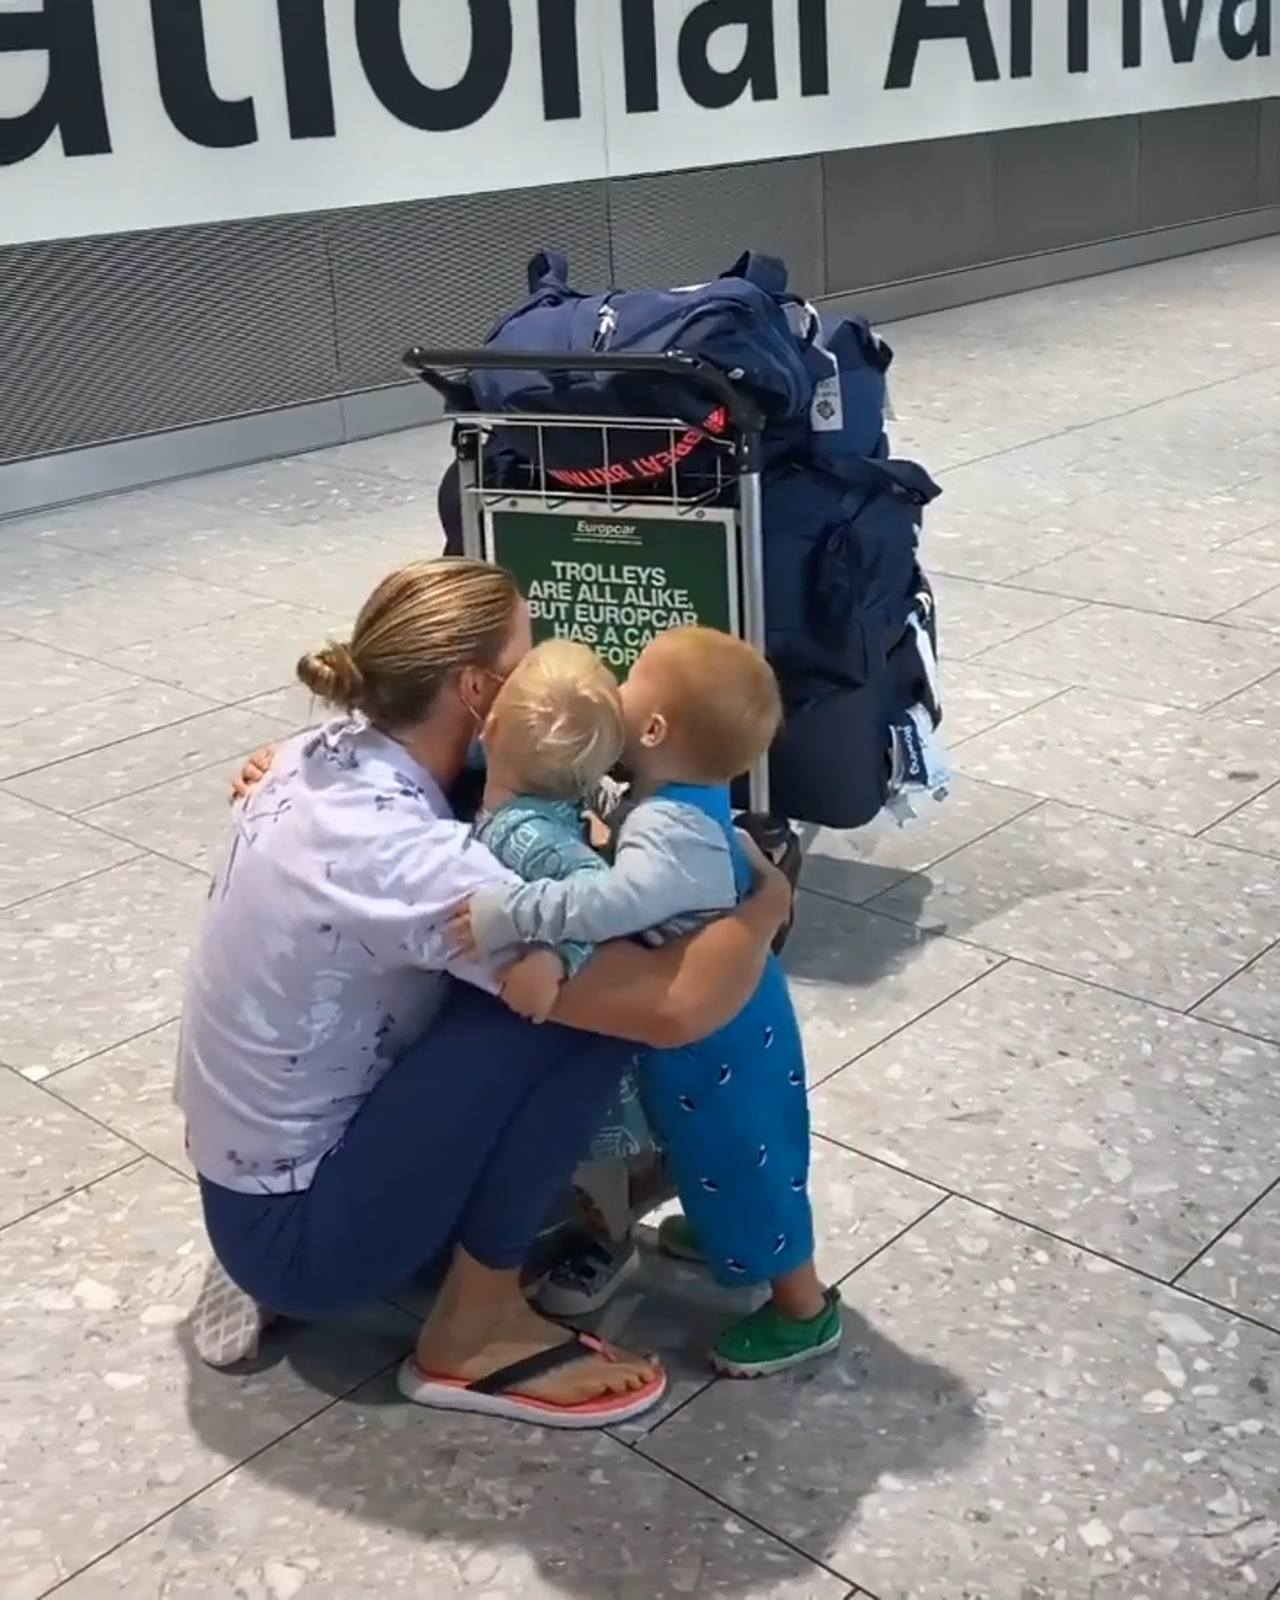 英国选手回国获3宝贝欢迎!网友:东奥暖心画面,比奖牌更有意义